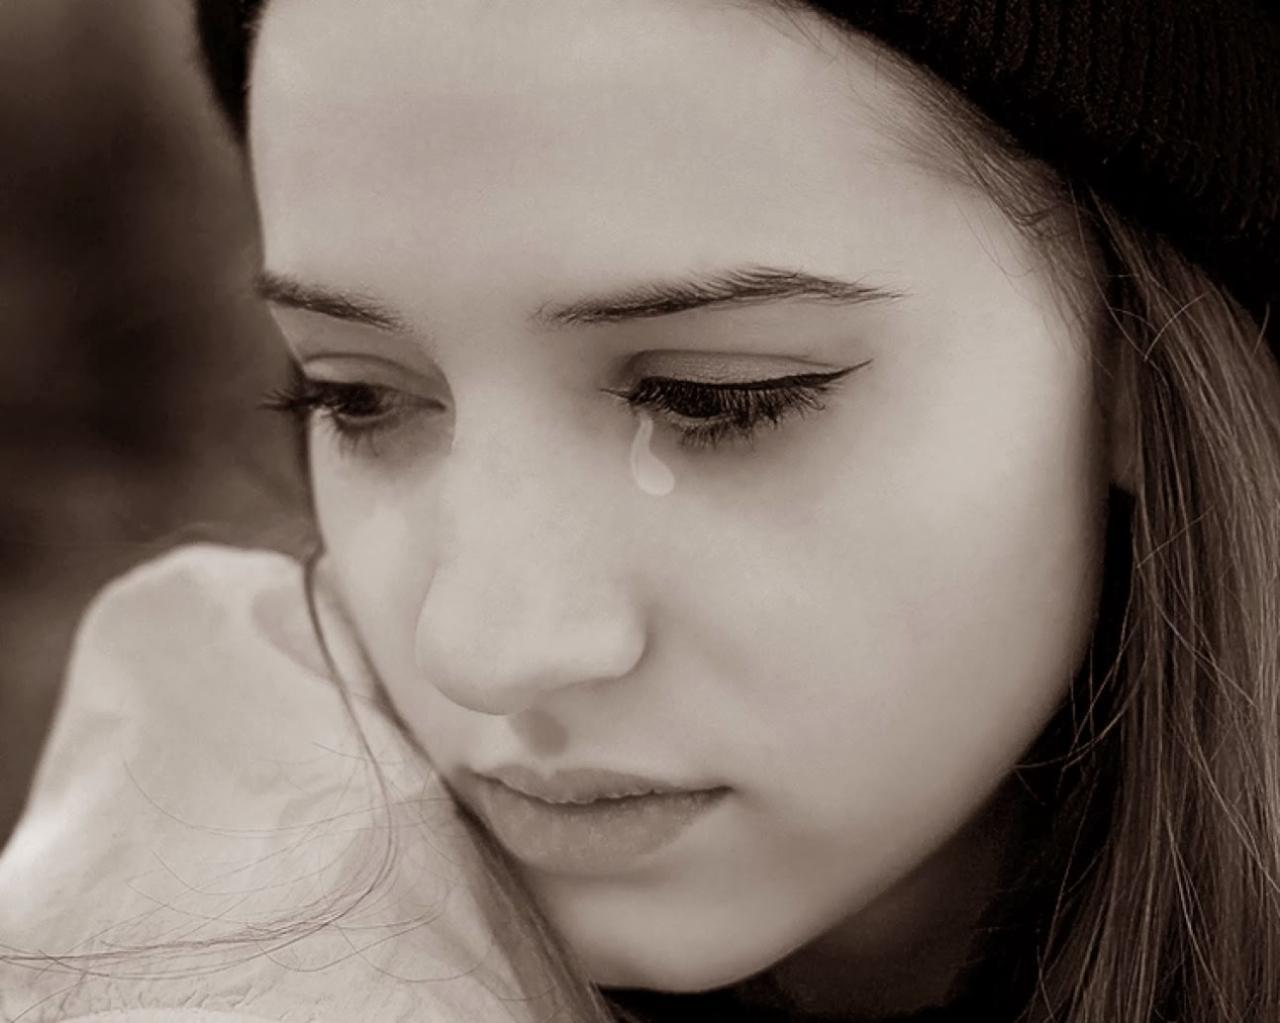 صورة تفسير البكاء الشديد على شخص عزيز عليك في المنام , الحزن والدموع في المنام